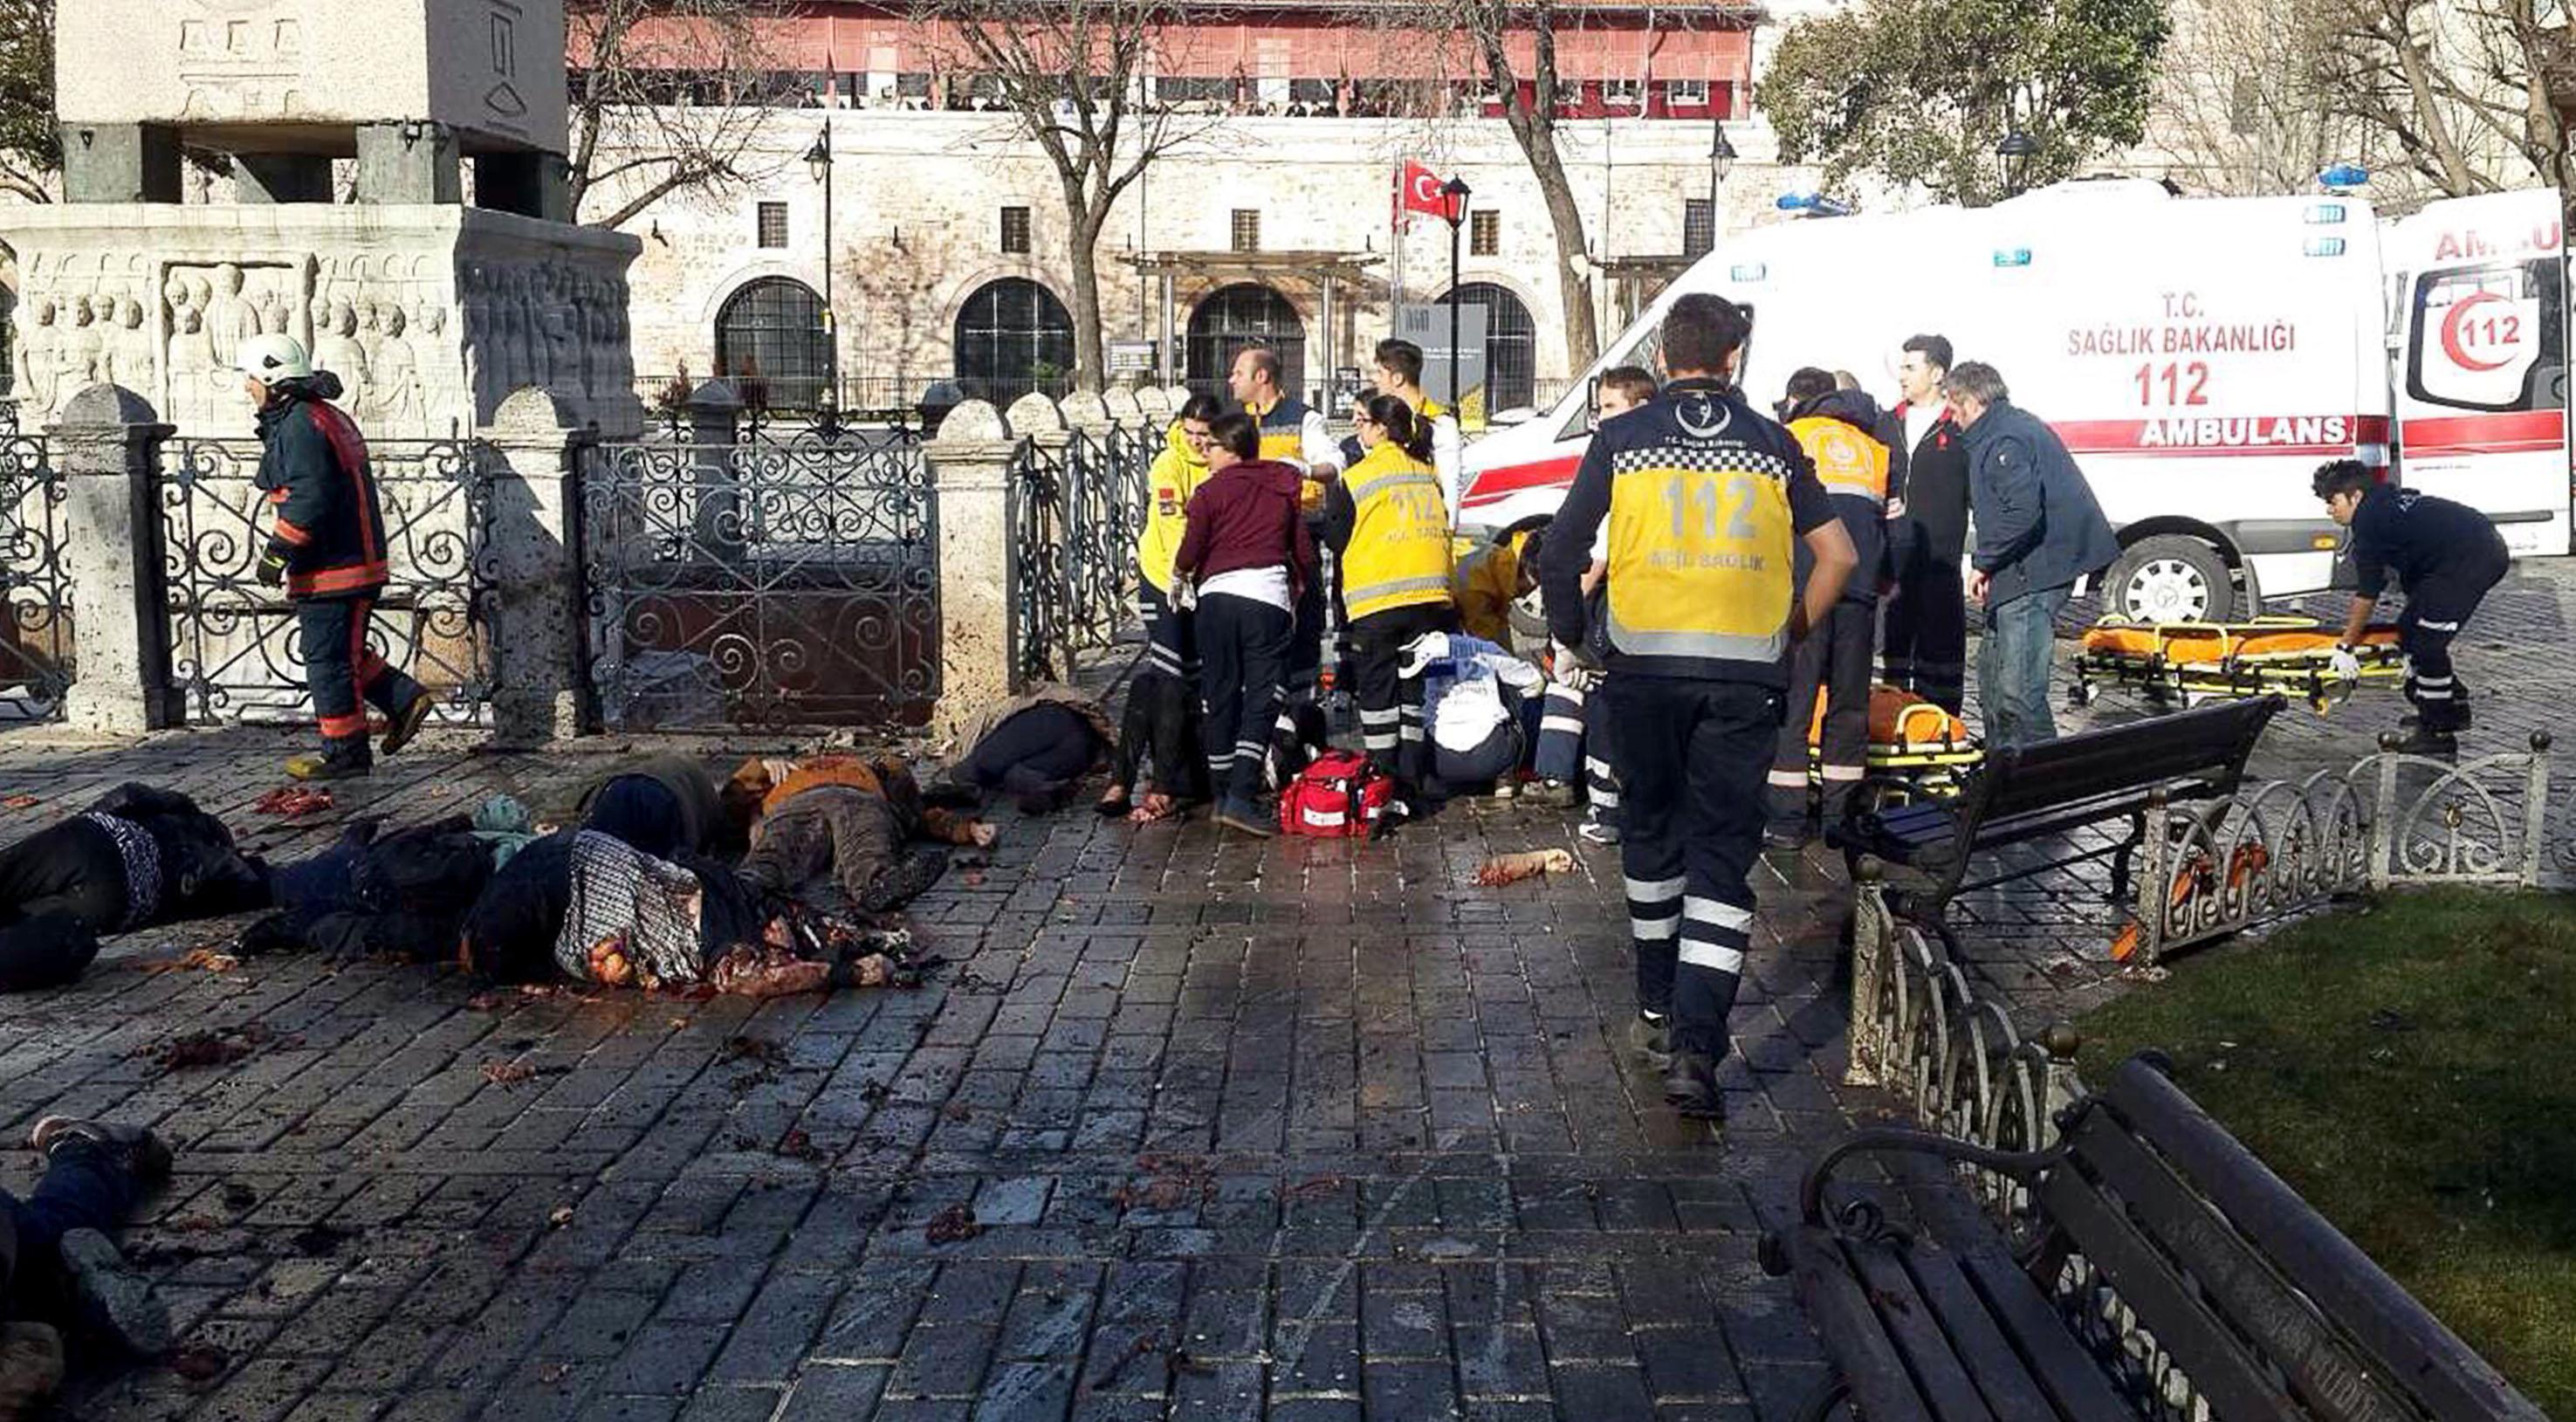 Imagen de un atentado en Estambul en enero de 2016 (Foto: AFP).